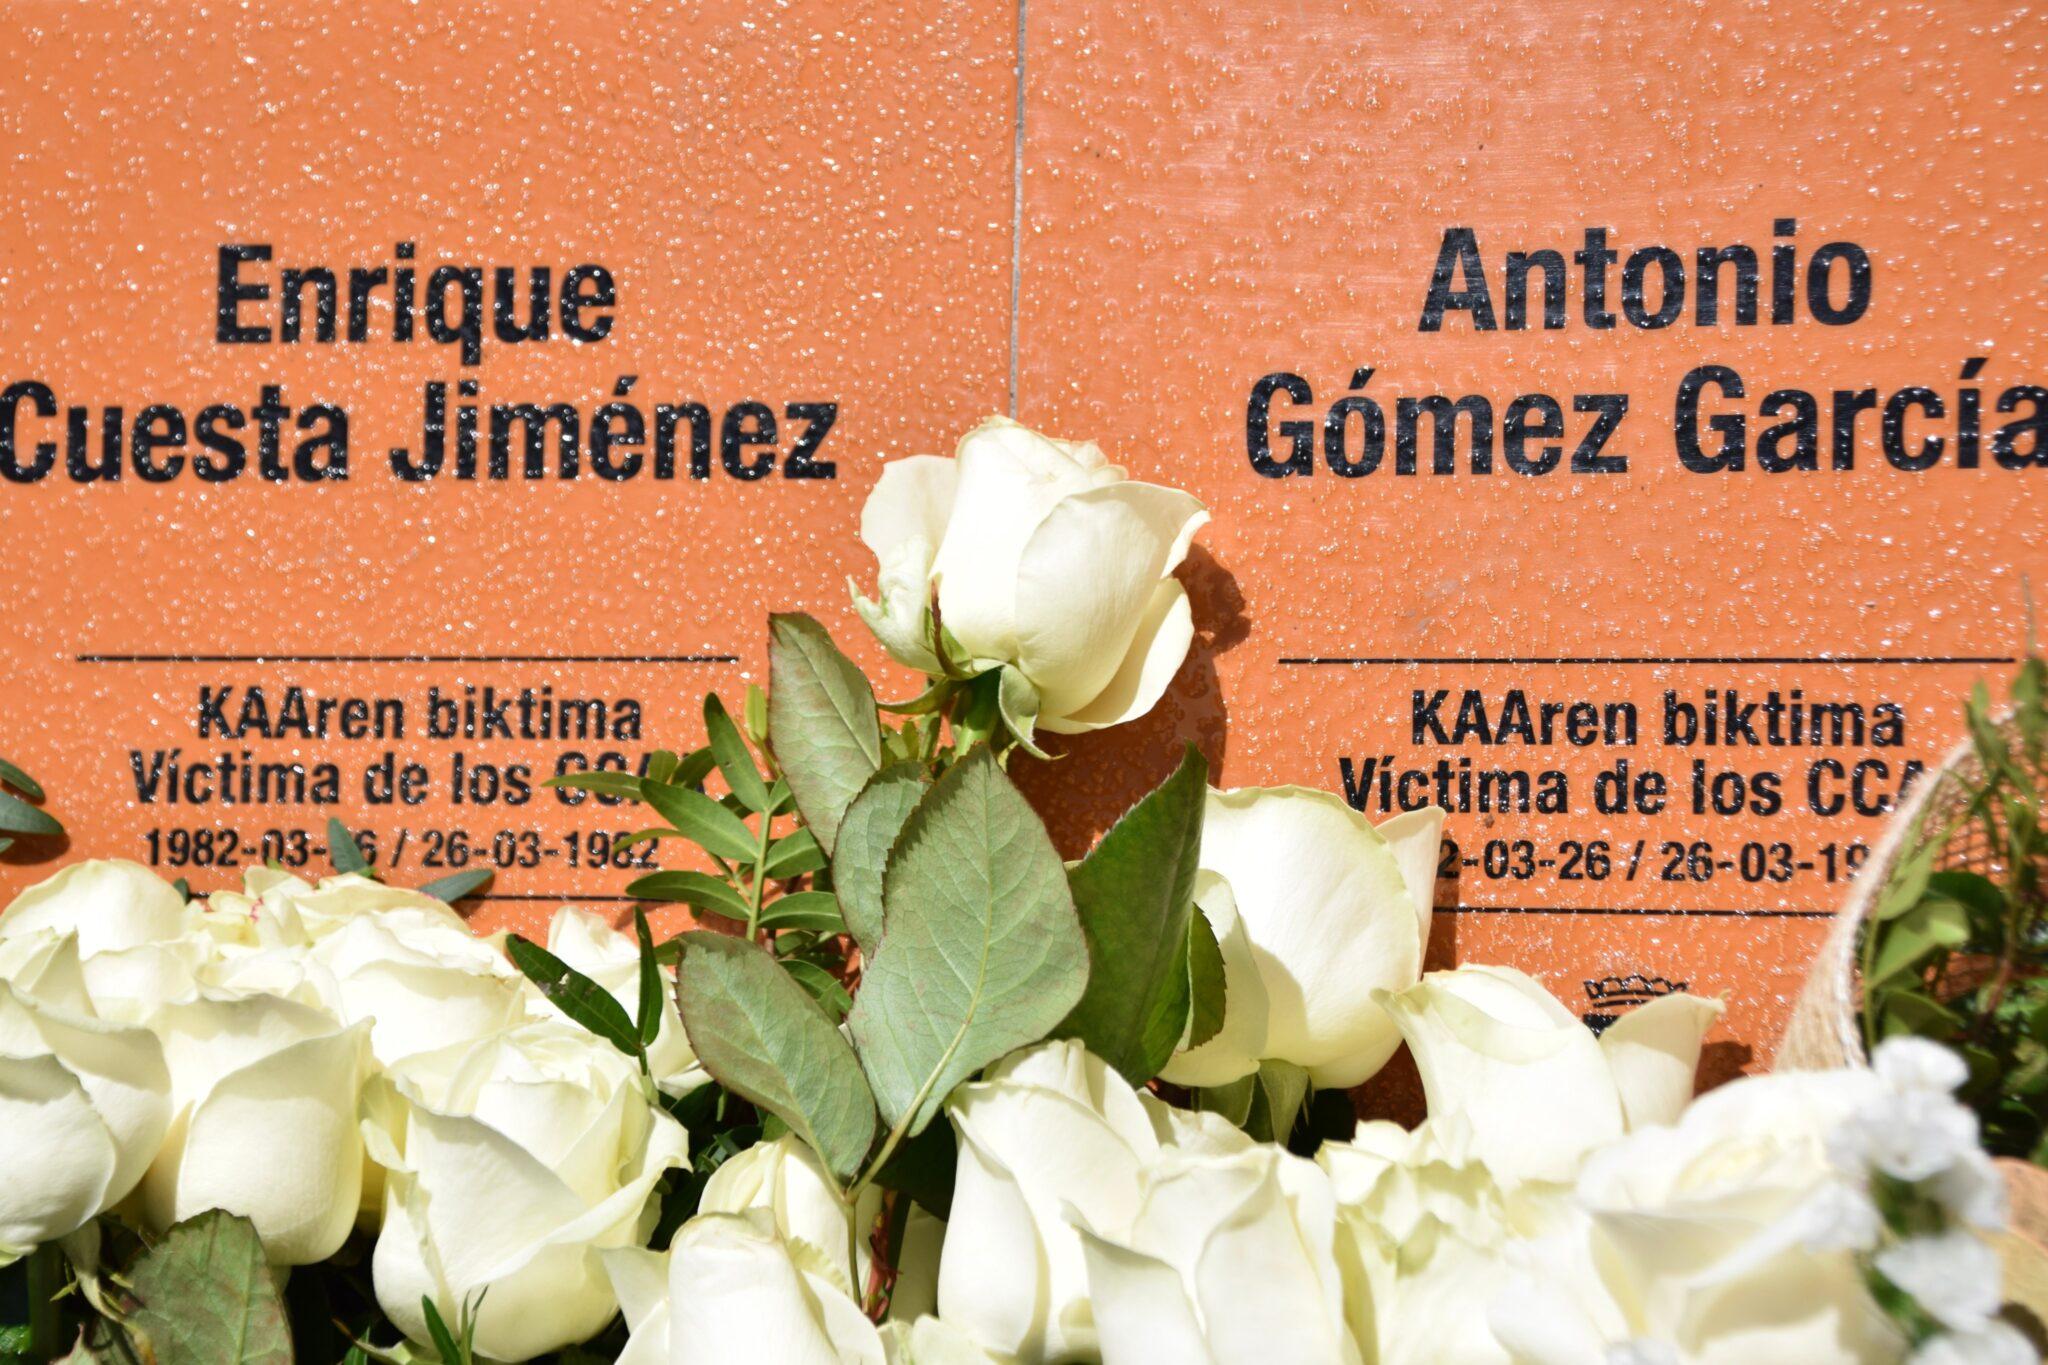 placa2 scaled - El Ayuntamiento de Donostia homenajea a Enrique Cuesta y Antonio Gómez